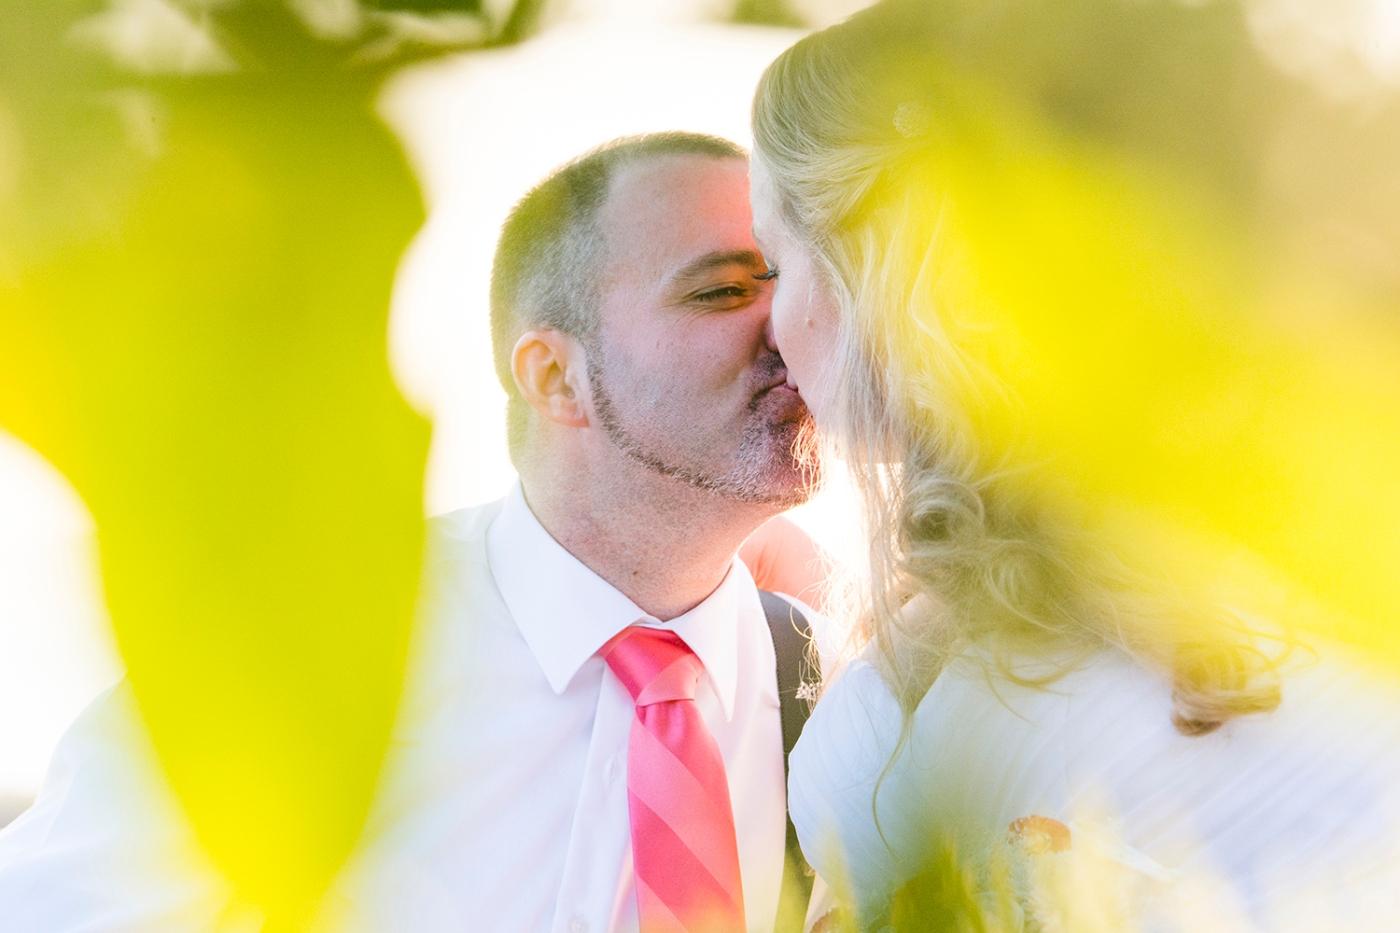 Jane_Speleers_Photography_Seattle_Wedding_waterfront_NWJS7_9519